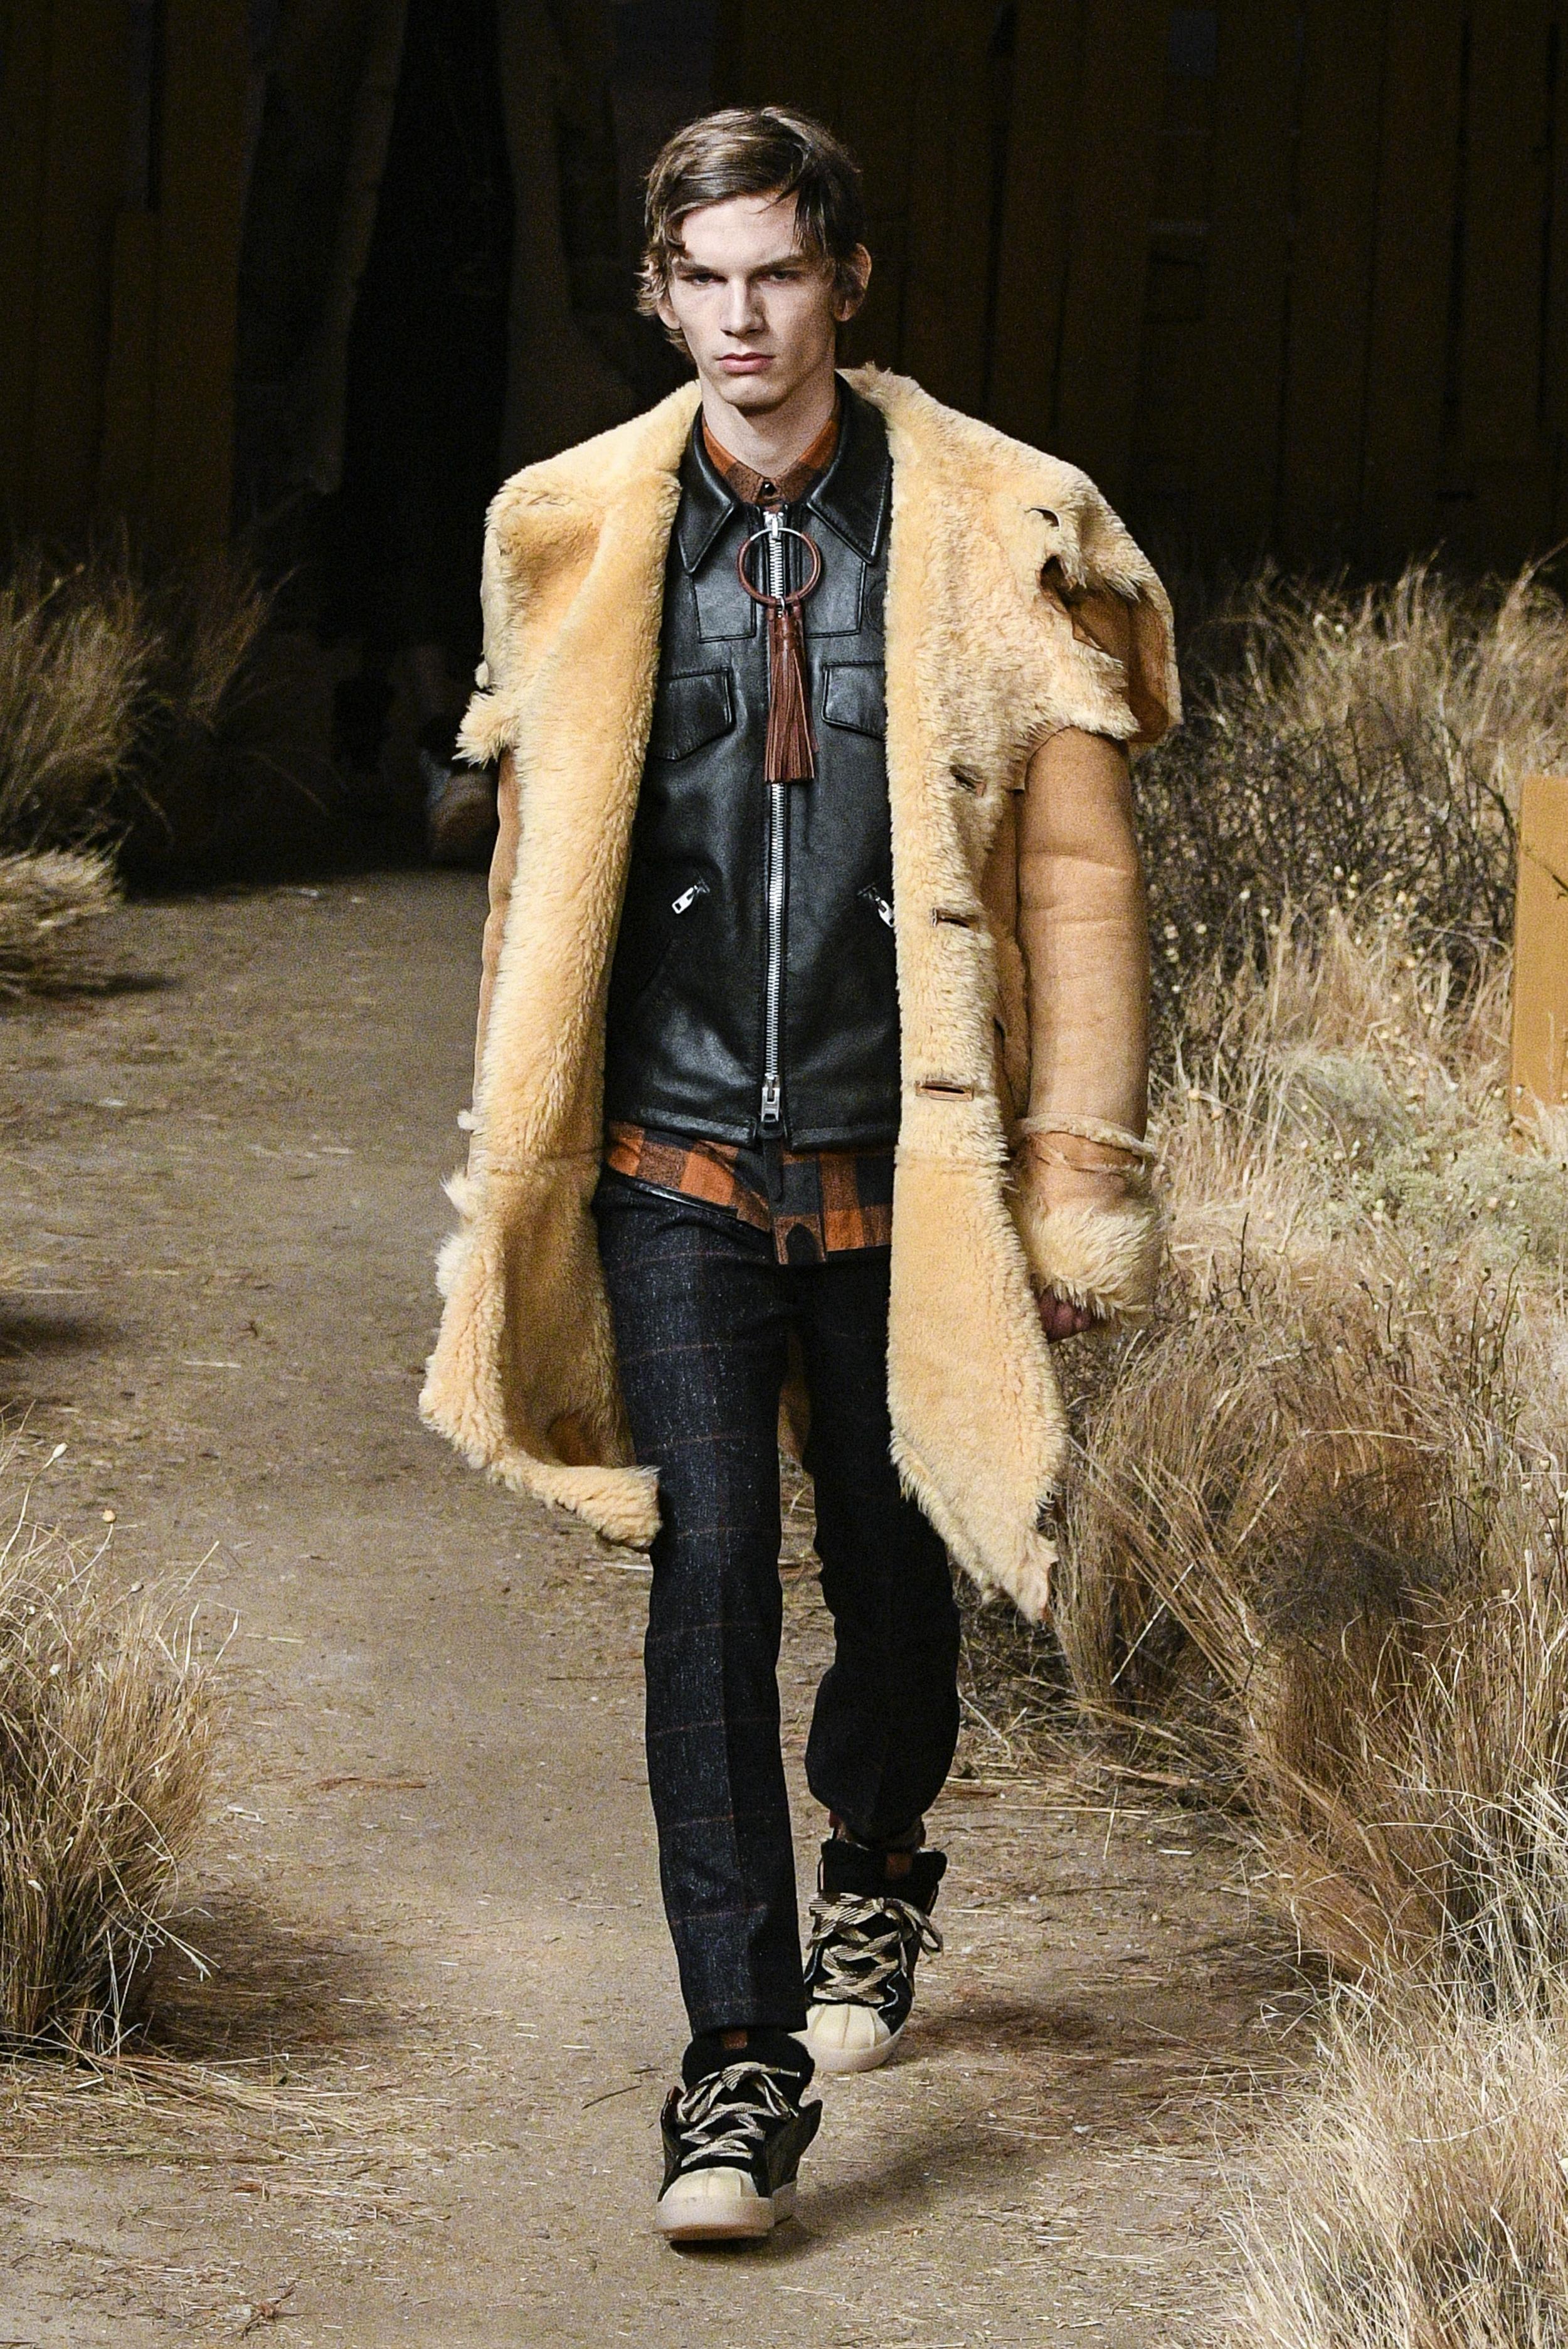 New York Fashion Week Fall: Wildledermantel mit Lammfell bei der Show von Coach (ddp images)